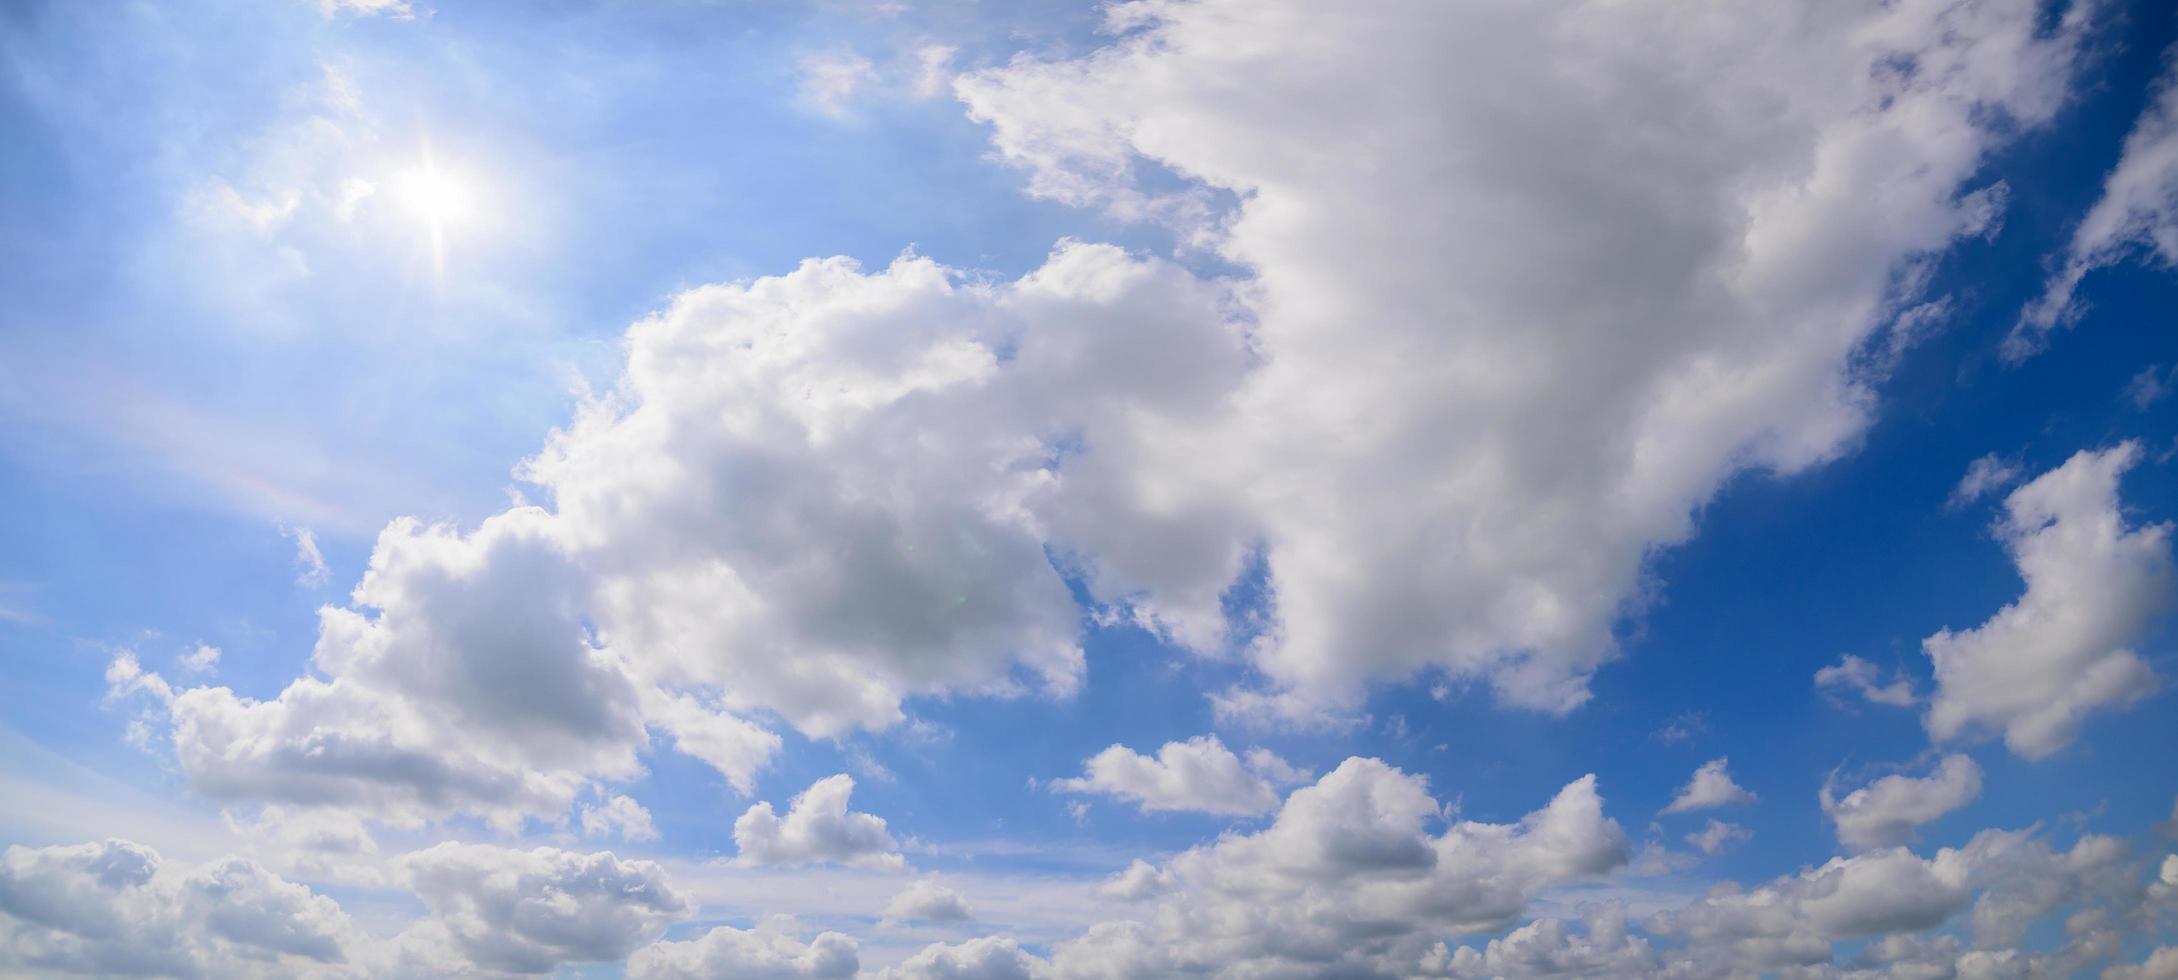 ciel nuageux pendant la journée photo